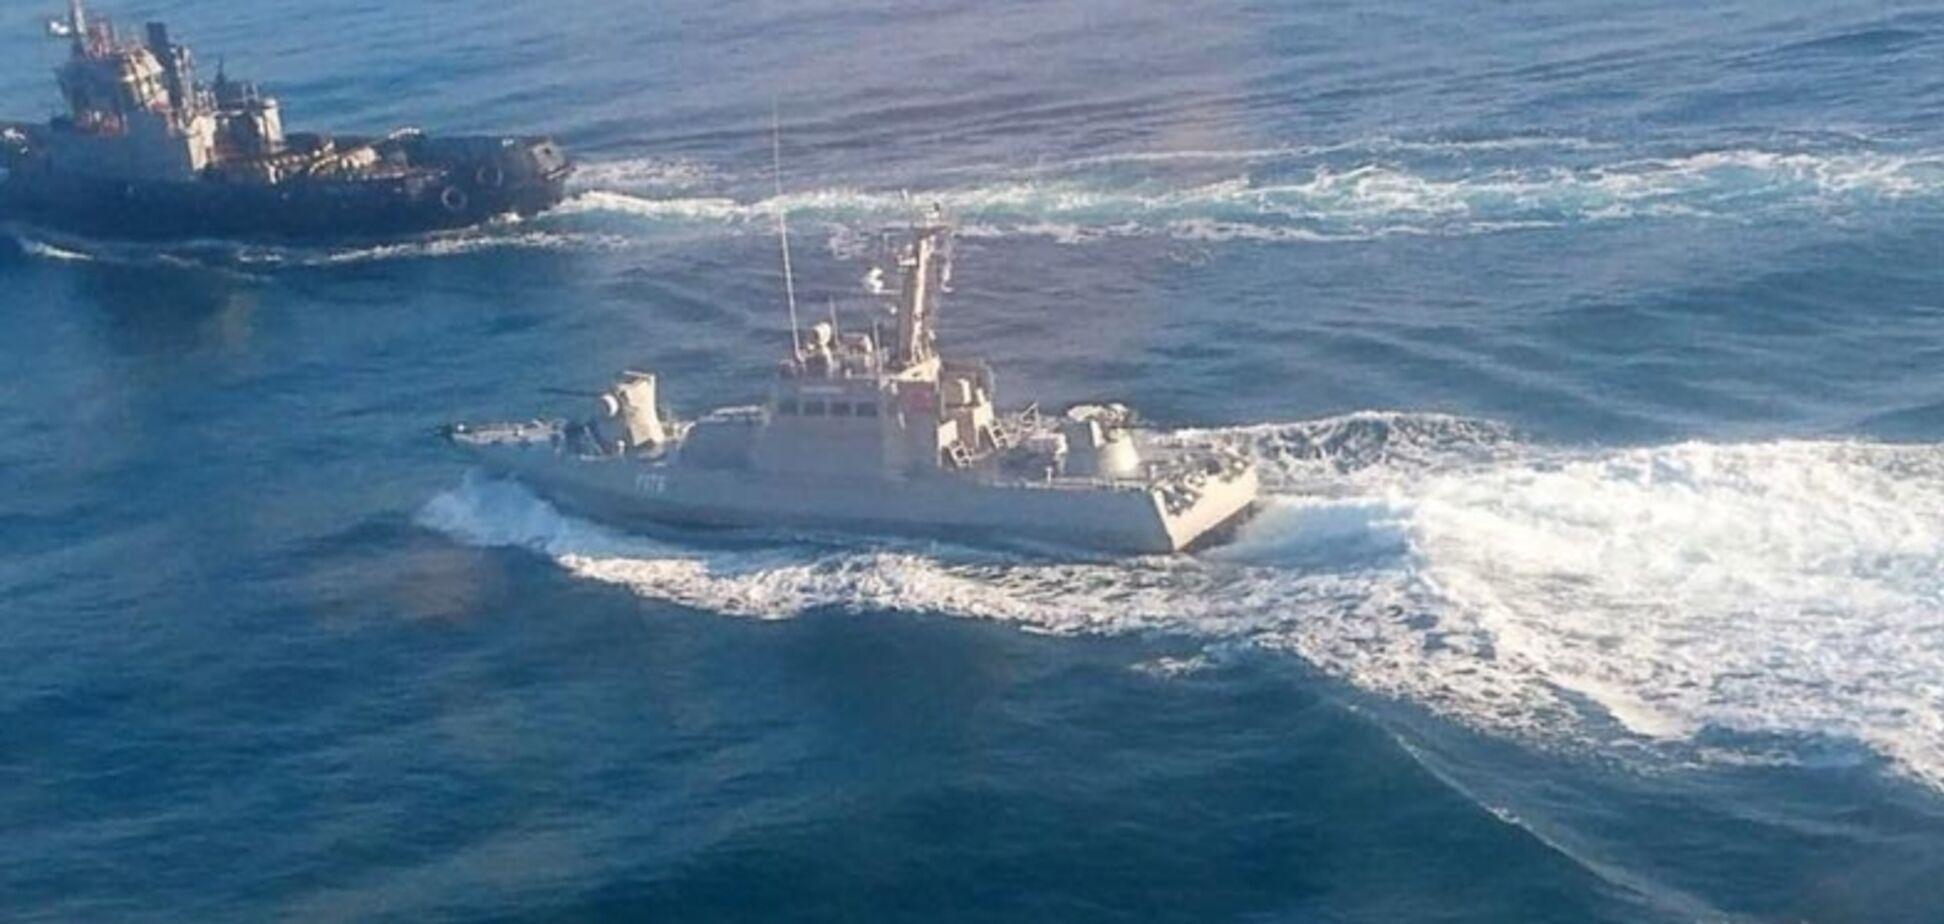 Говорили на украинском: опубликована запись переговоров моряков ВМС с оккупантами